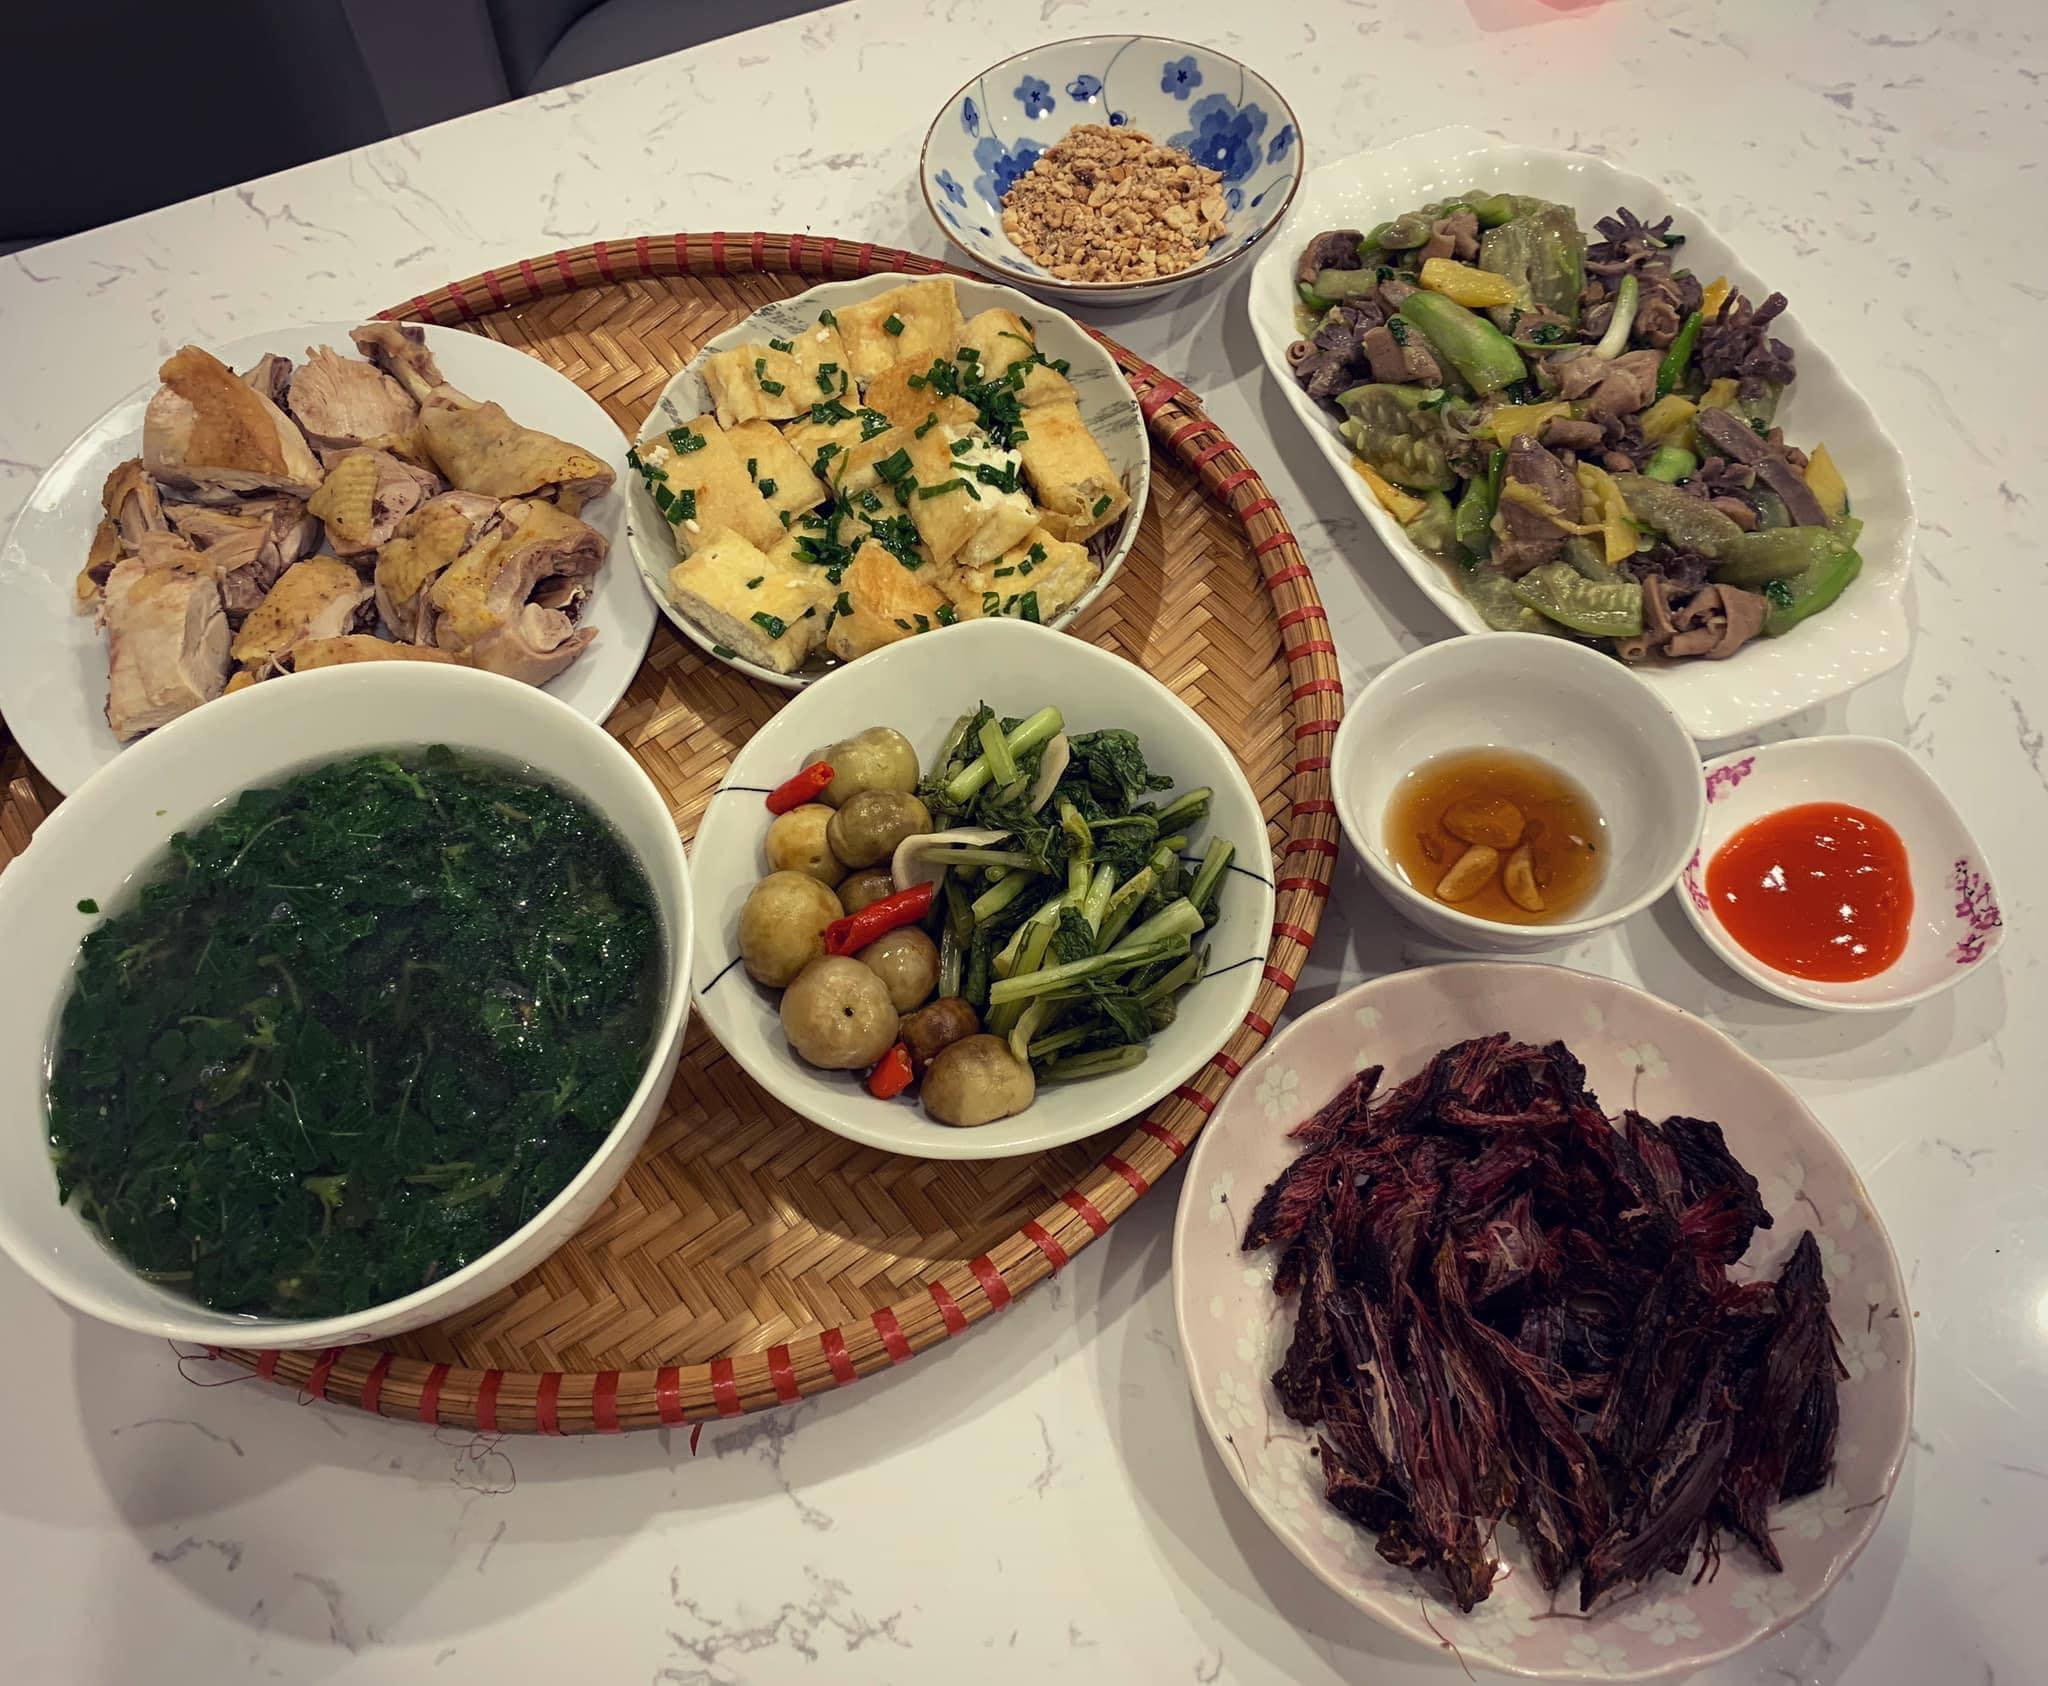 Chi phí chỉ từ 100k nhưng mỗi bữa cơm của bà nội trợ Hà Nội đều tươm tất đủ món thơm ngon, bổ dưỡng cho mọi thành viên gia đình - Ảnh 15.